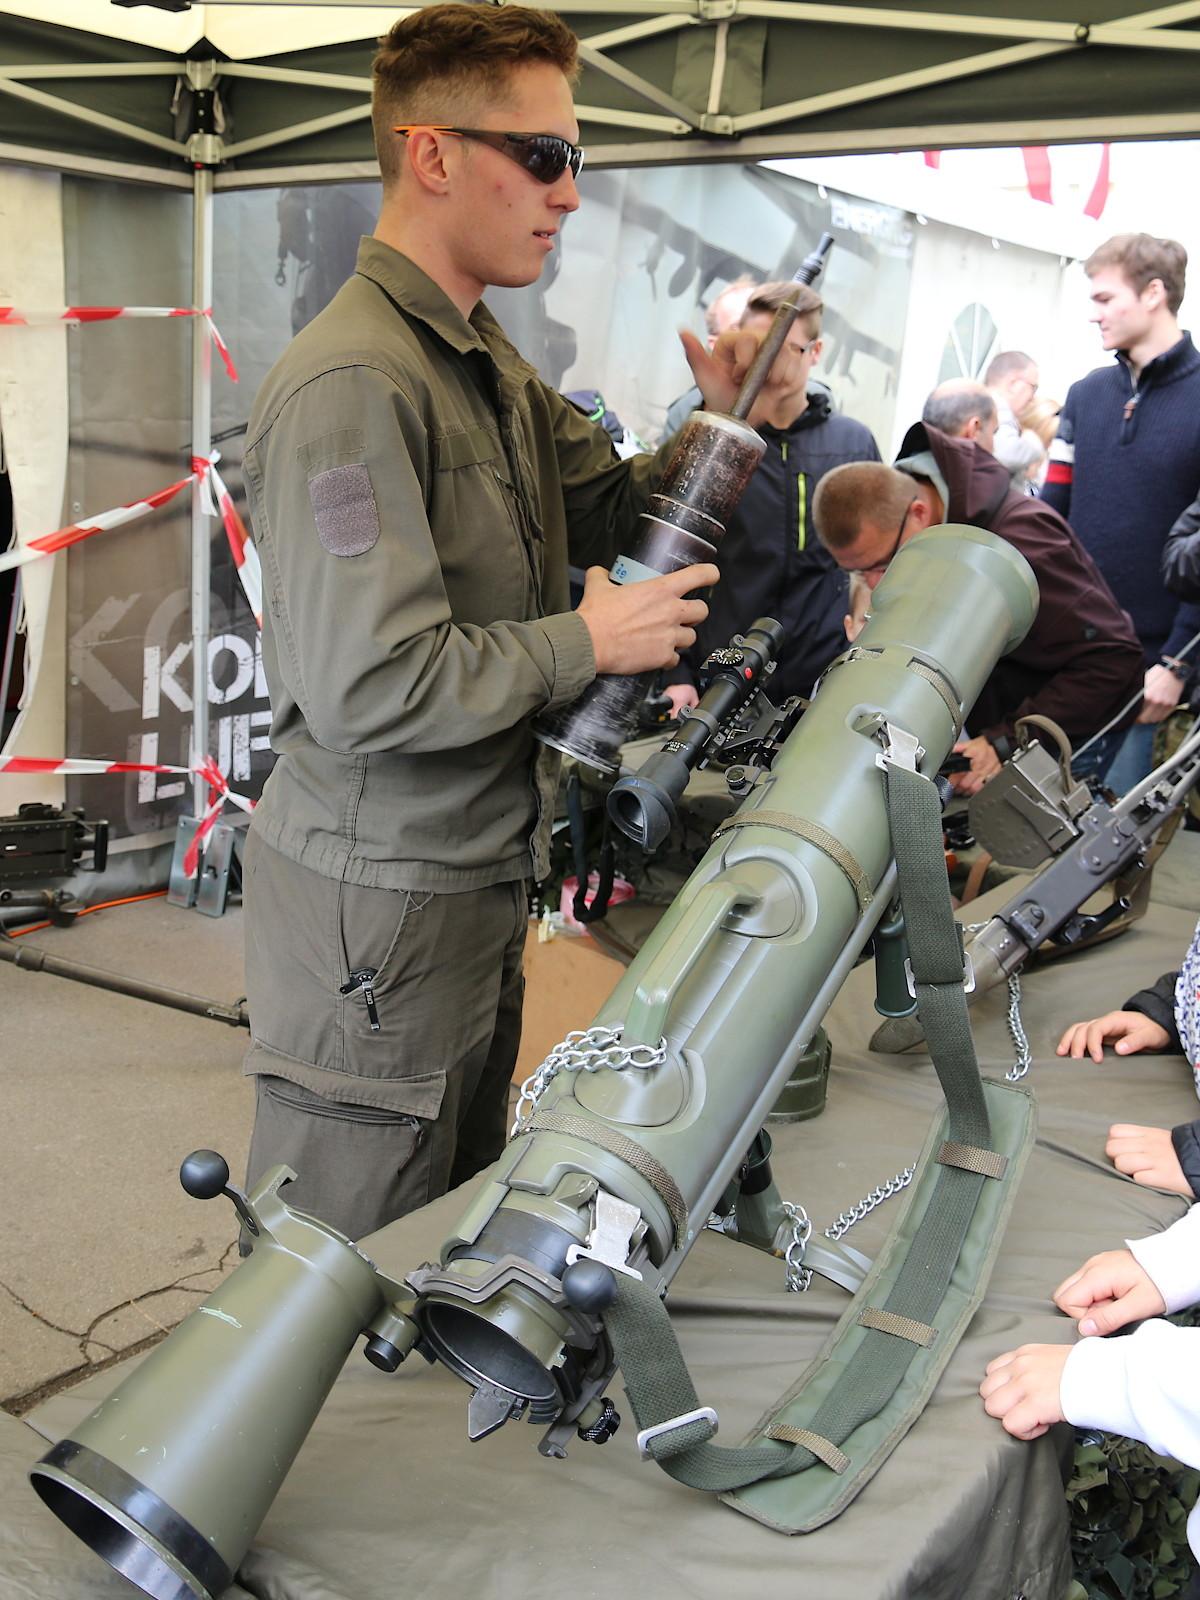 Das 84 mm Carl-Gustav M3 wiegt mit 11 kg um 5 kg weniger als das PAR 66/79 © Doppeladler.com